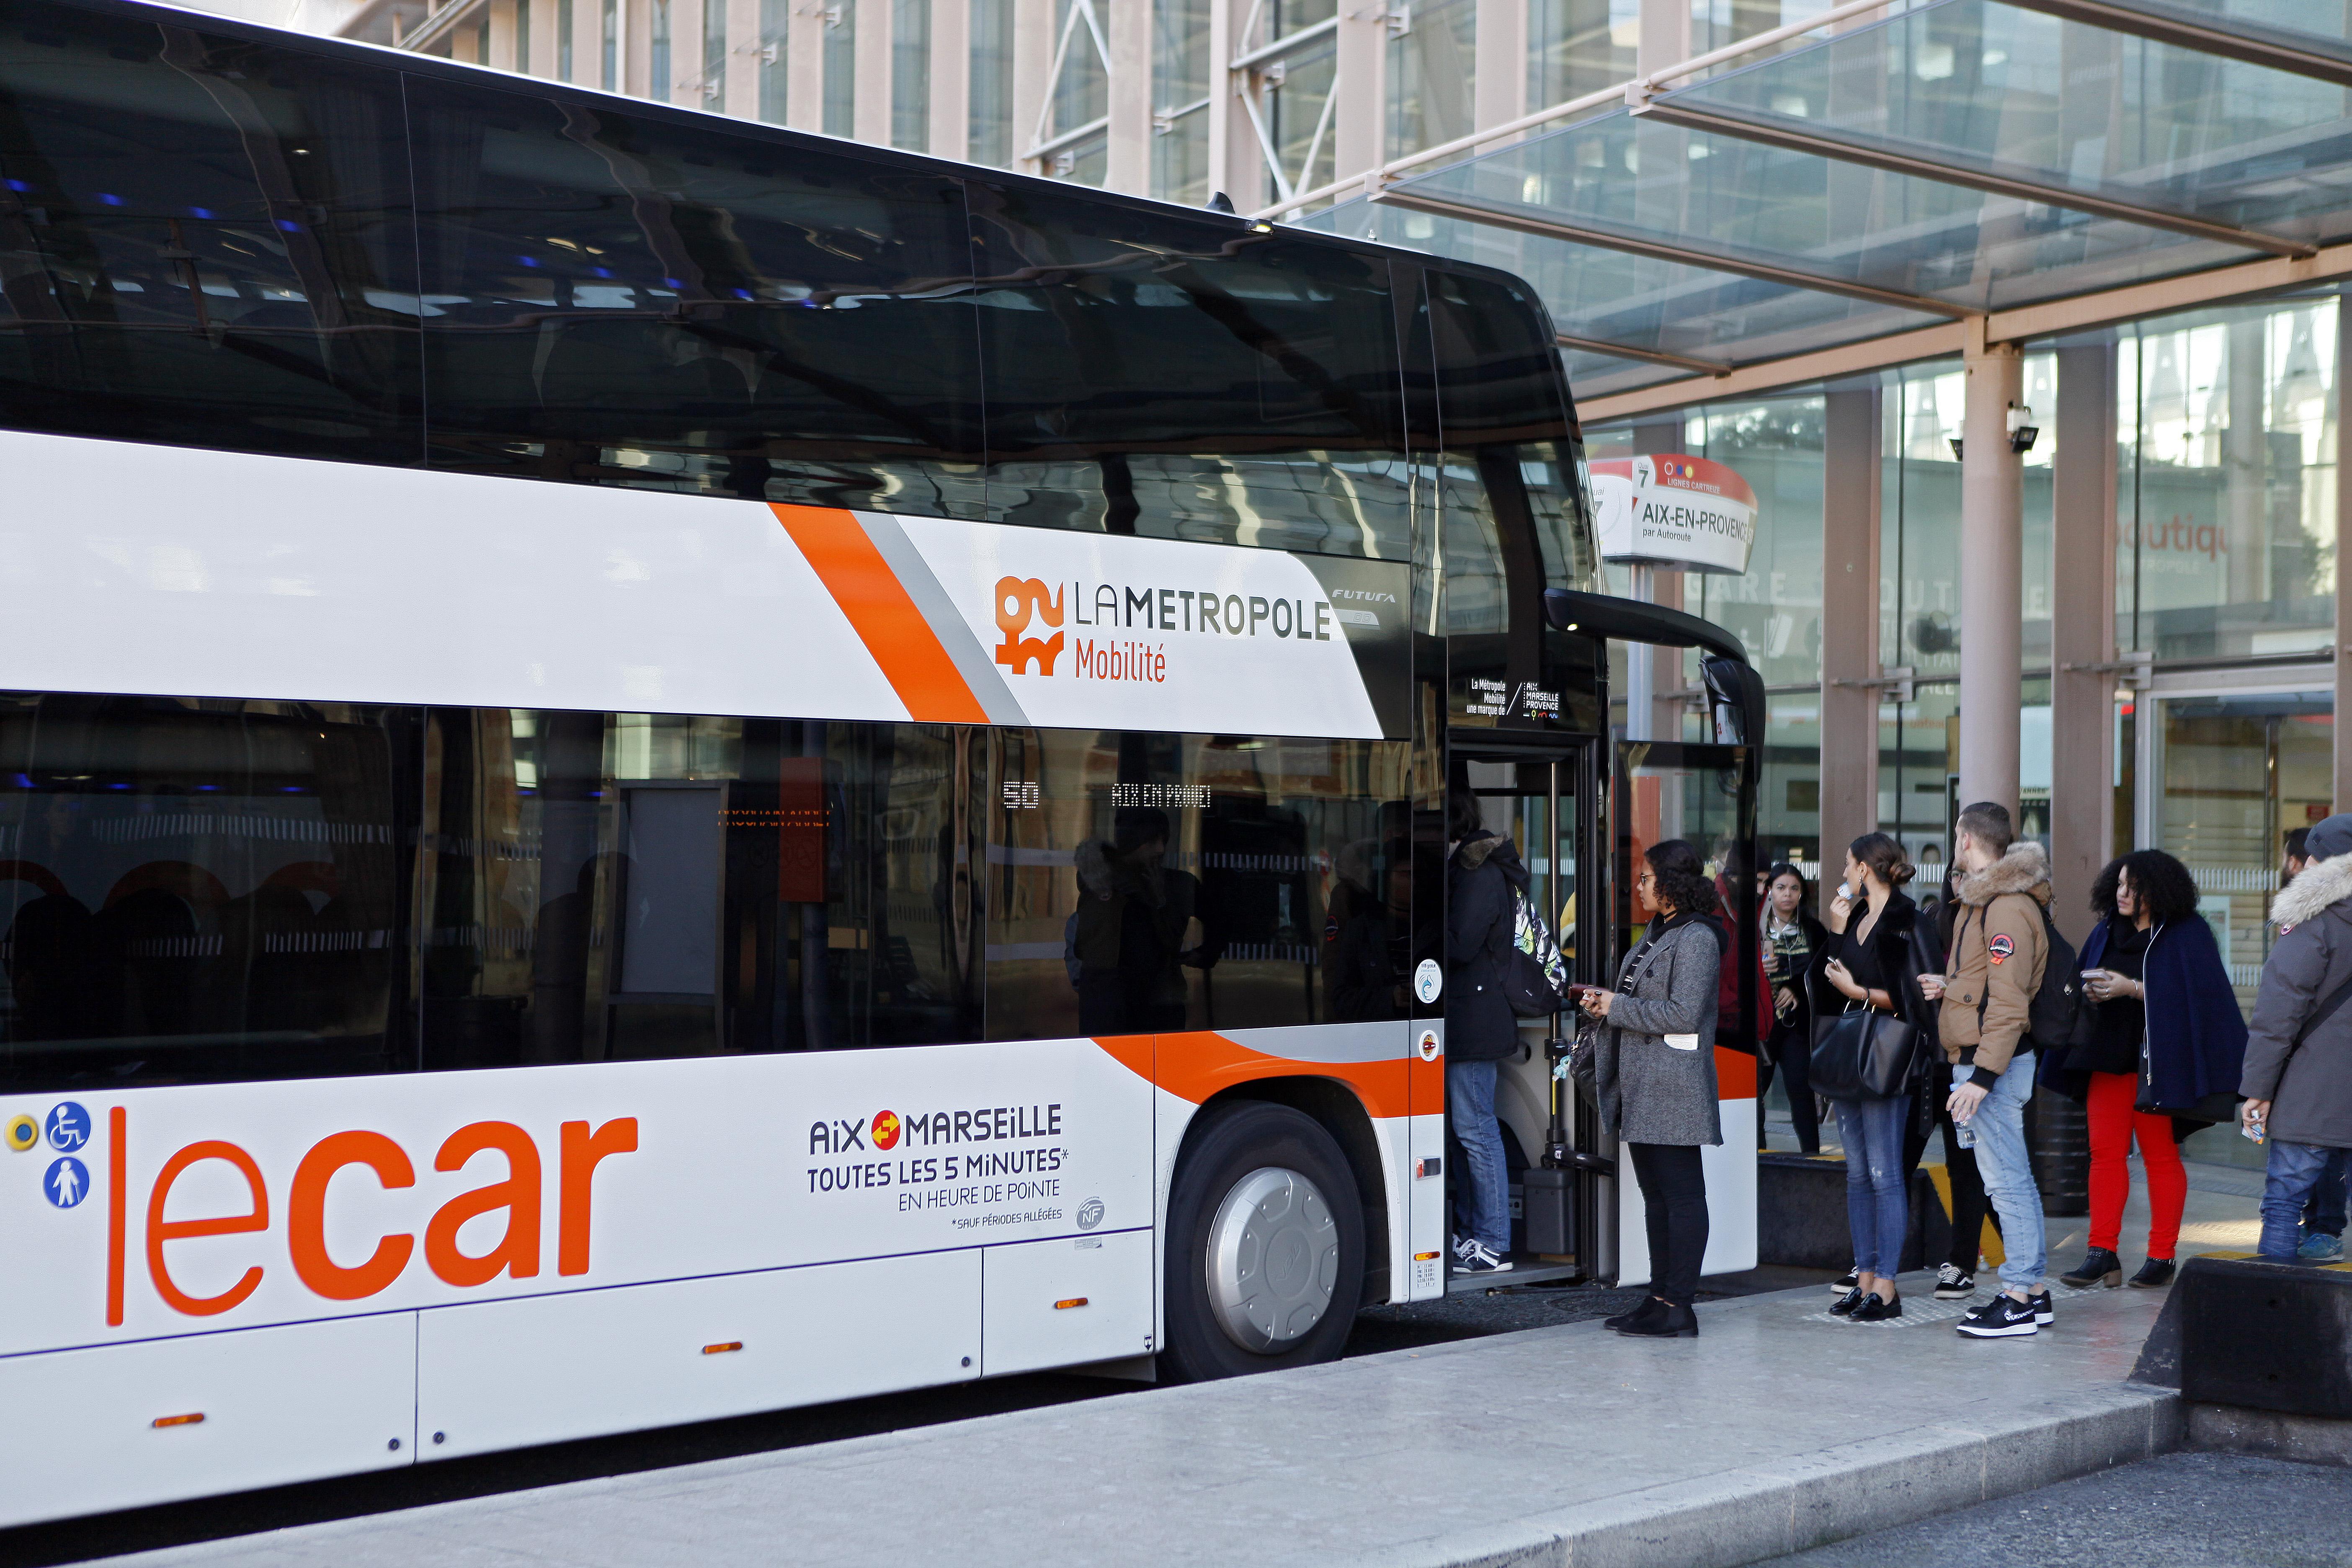 8,2 Millions de passagers annuels